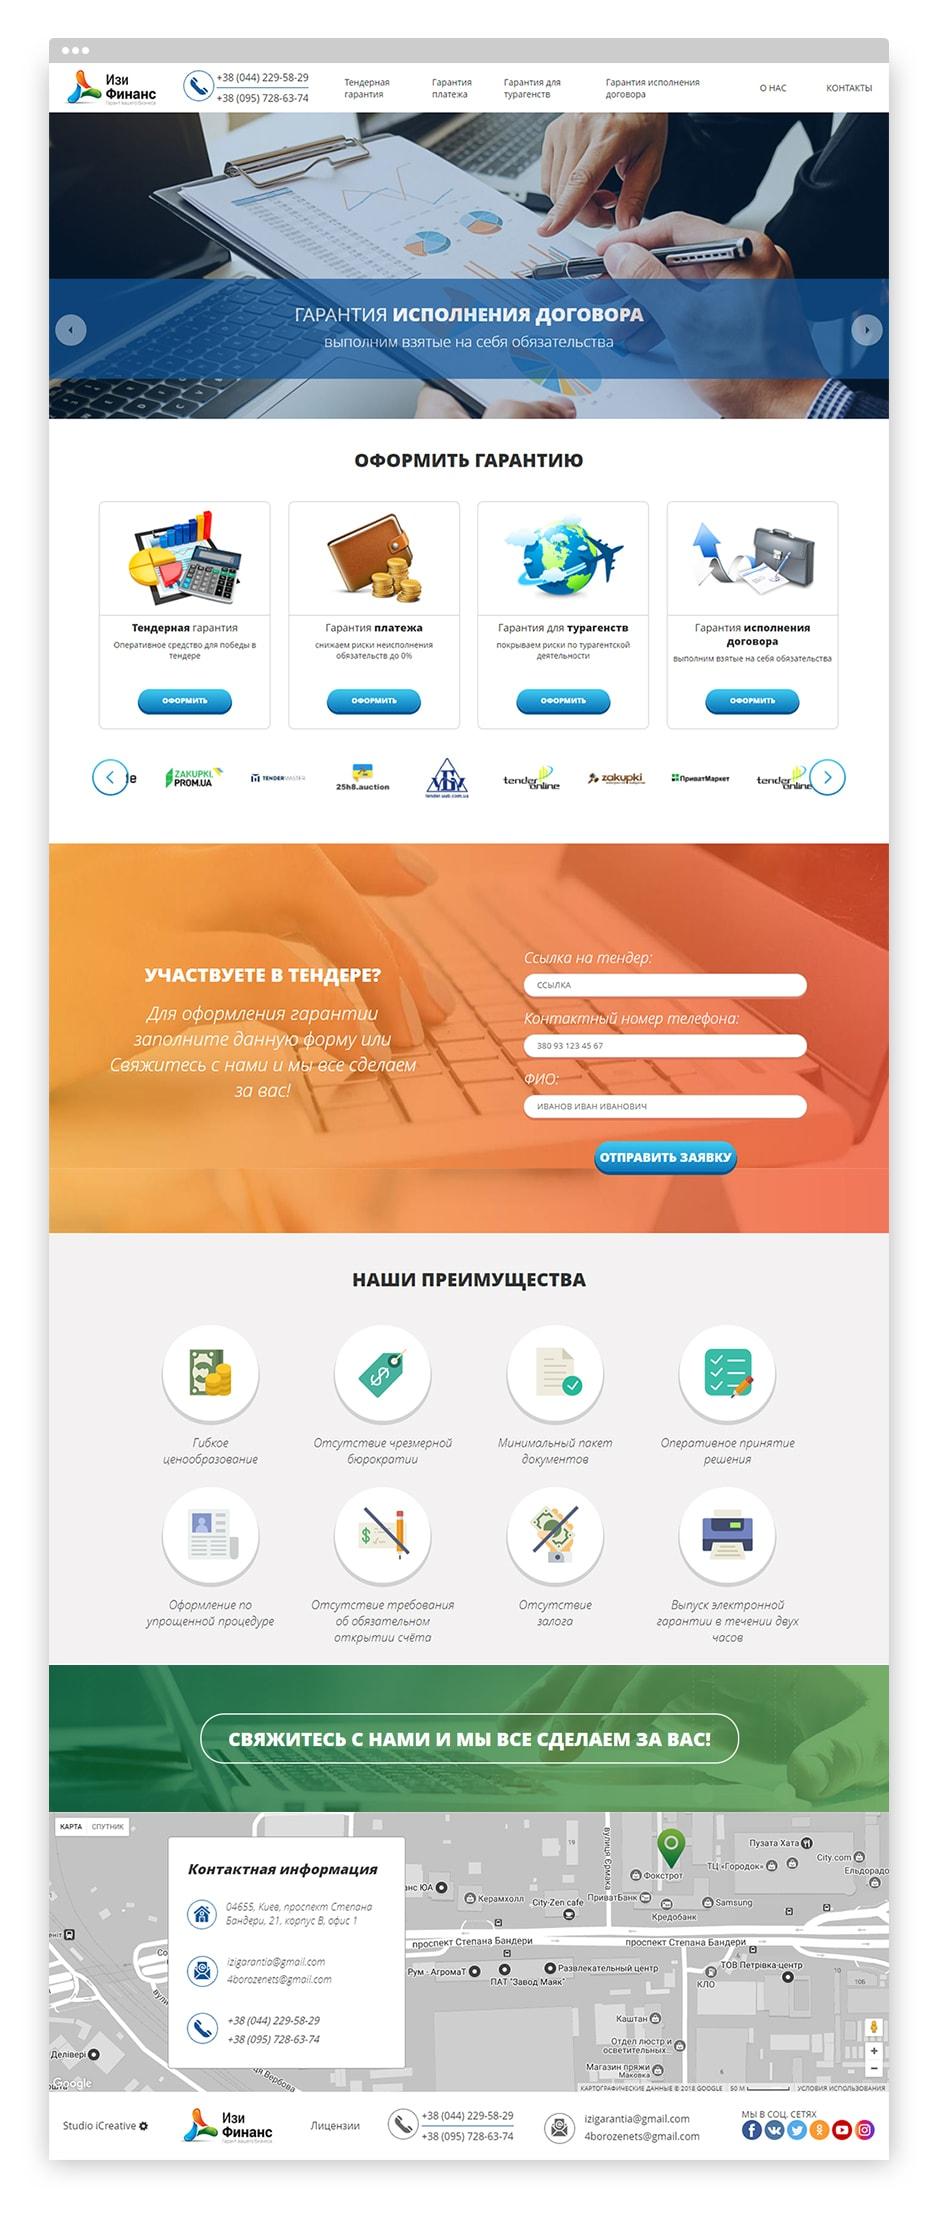 icreative.com.ua_izi_finance